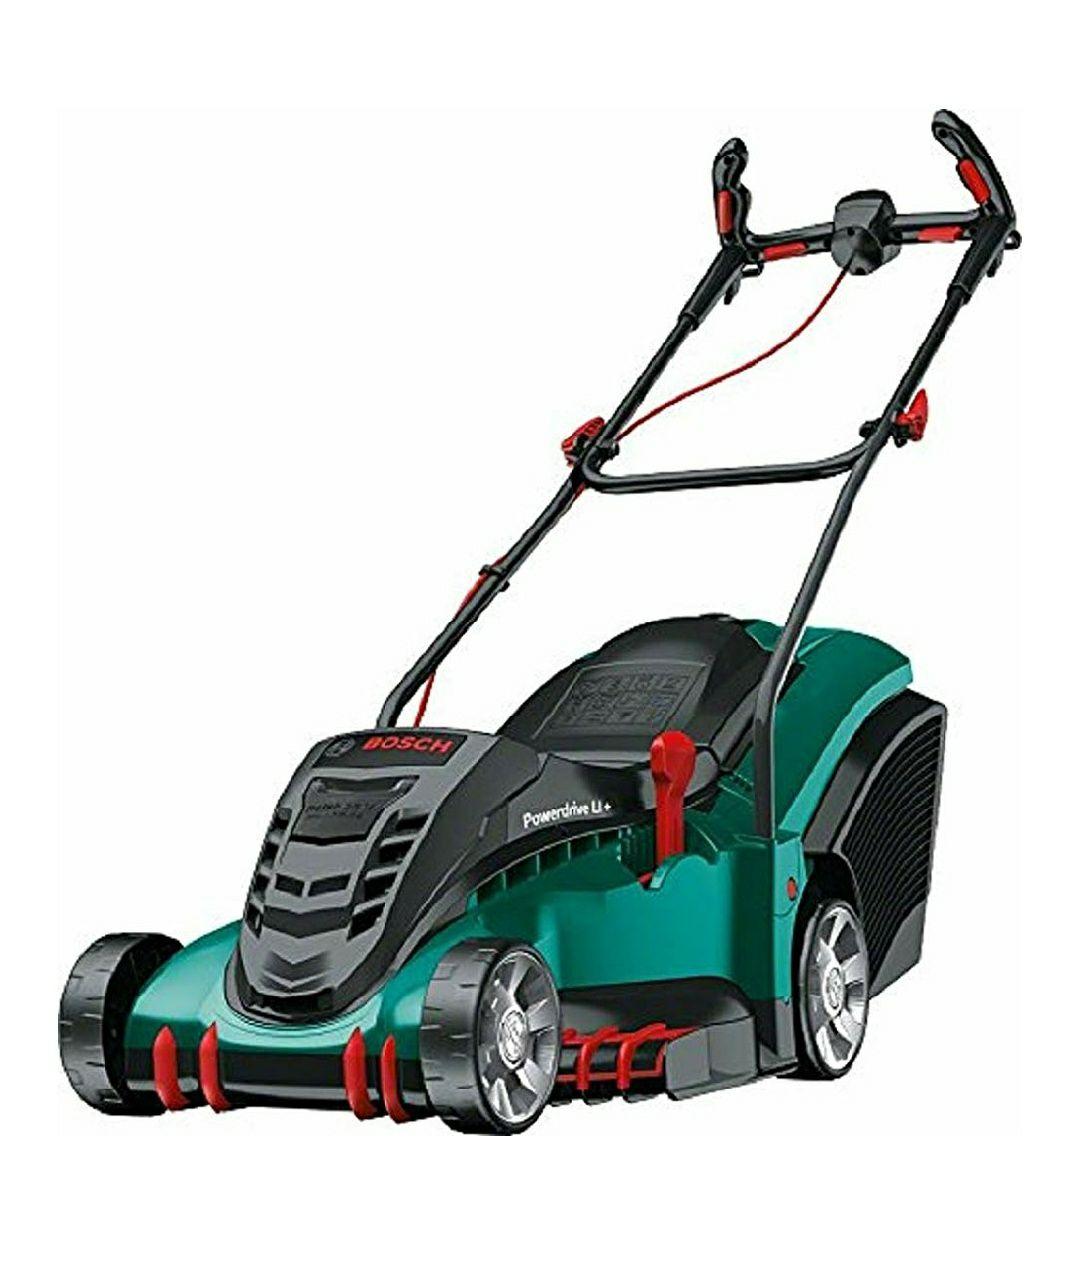 Bosch 06008A4575 Cordless Lawnmower Rotak 430 LI (2 Batteries) - £299.99 @ Amazon